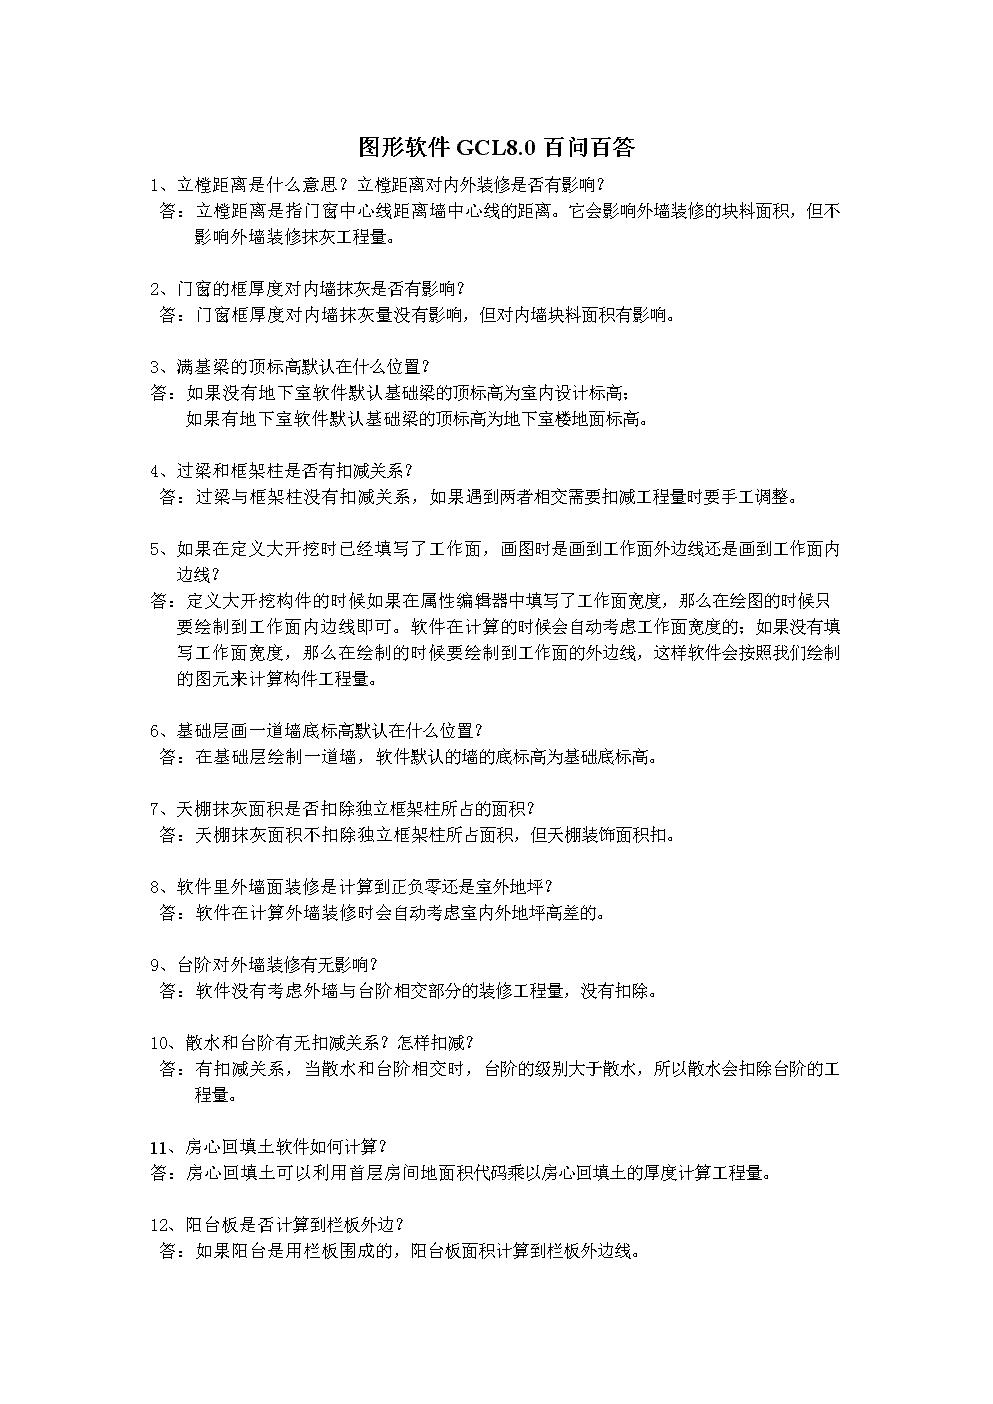 图形软件百问百答().doc